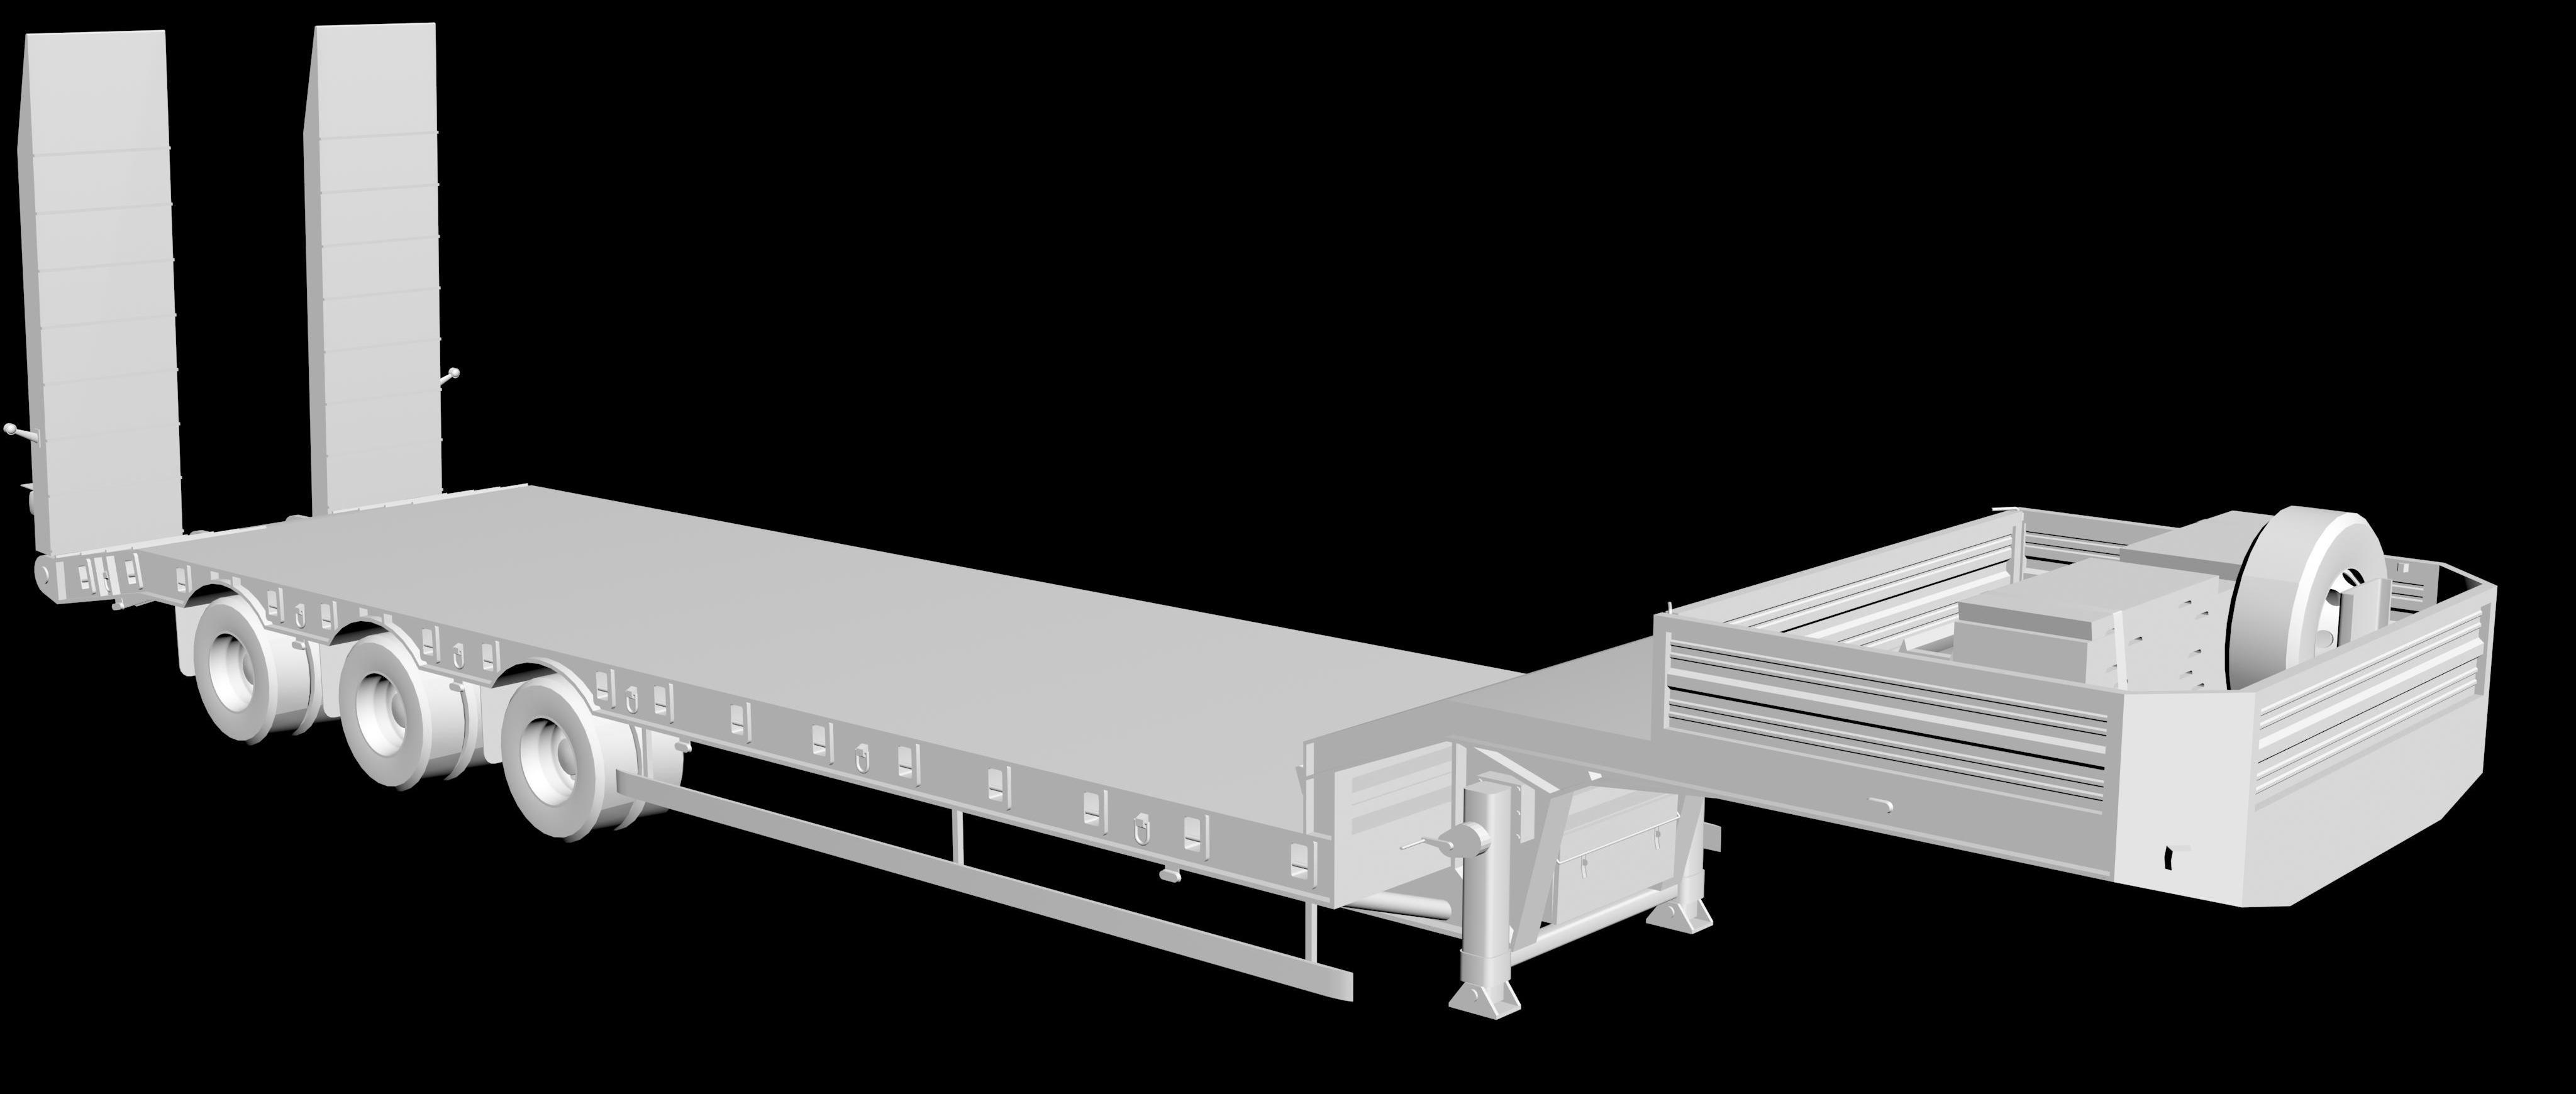 [Encuesta][T.E.P.] Proyecto Aguas Tenias (22 modelos + 1 Camión) [Terminado 21-4-2014]. - Página 5 50znstv